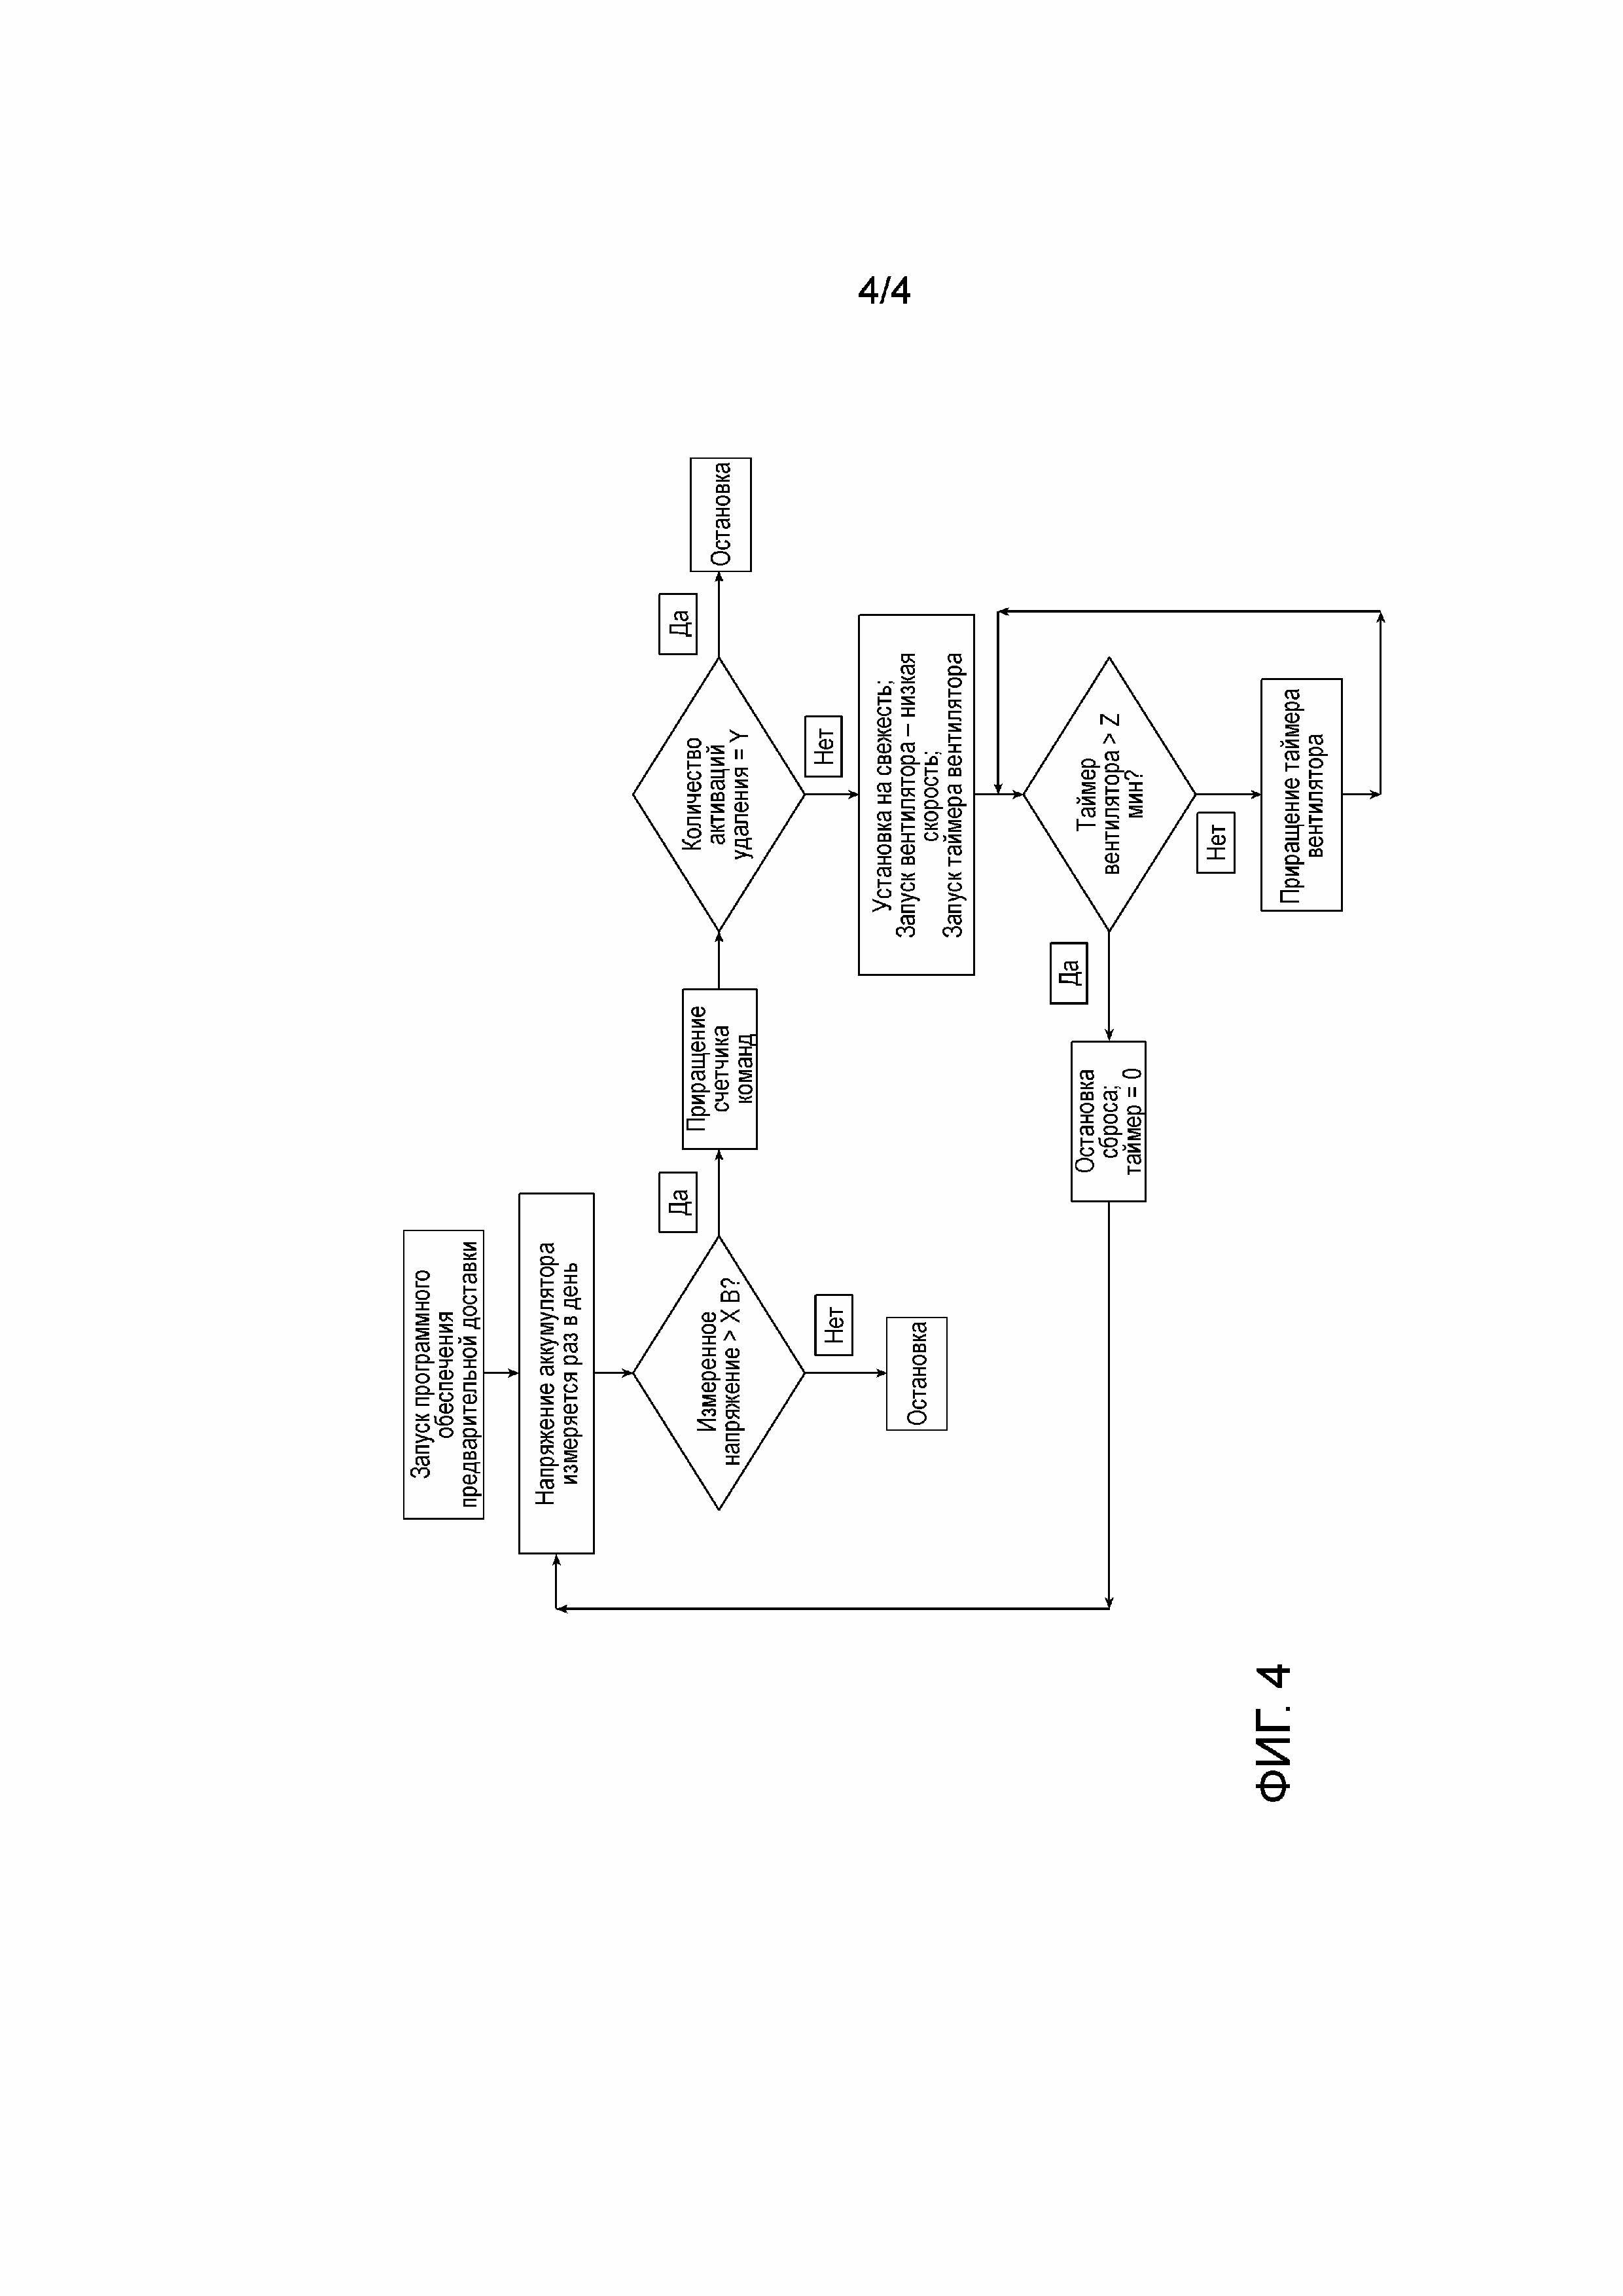 Система удаления летучих органических соединений для автомобильного транспортного средства